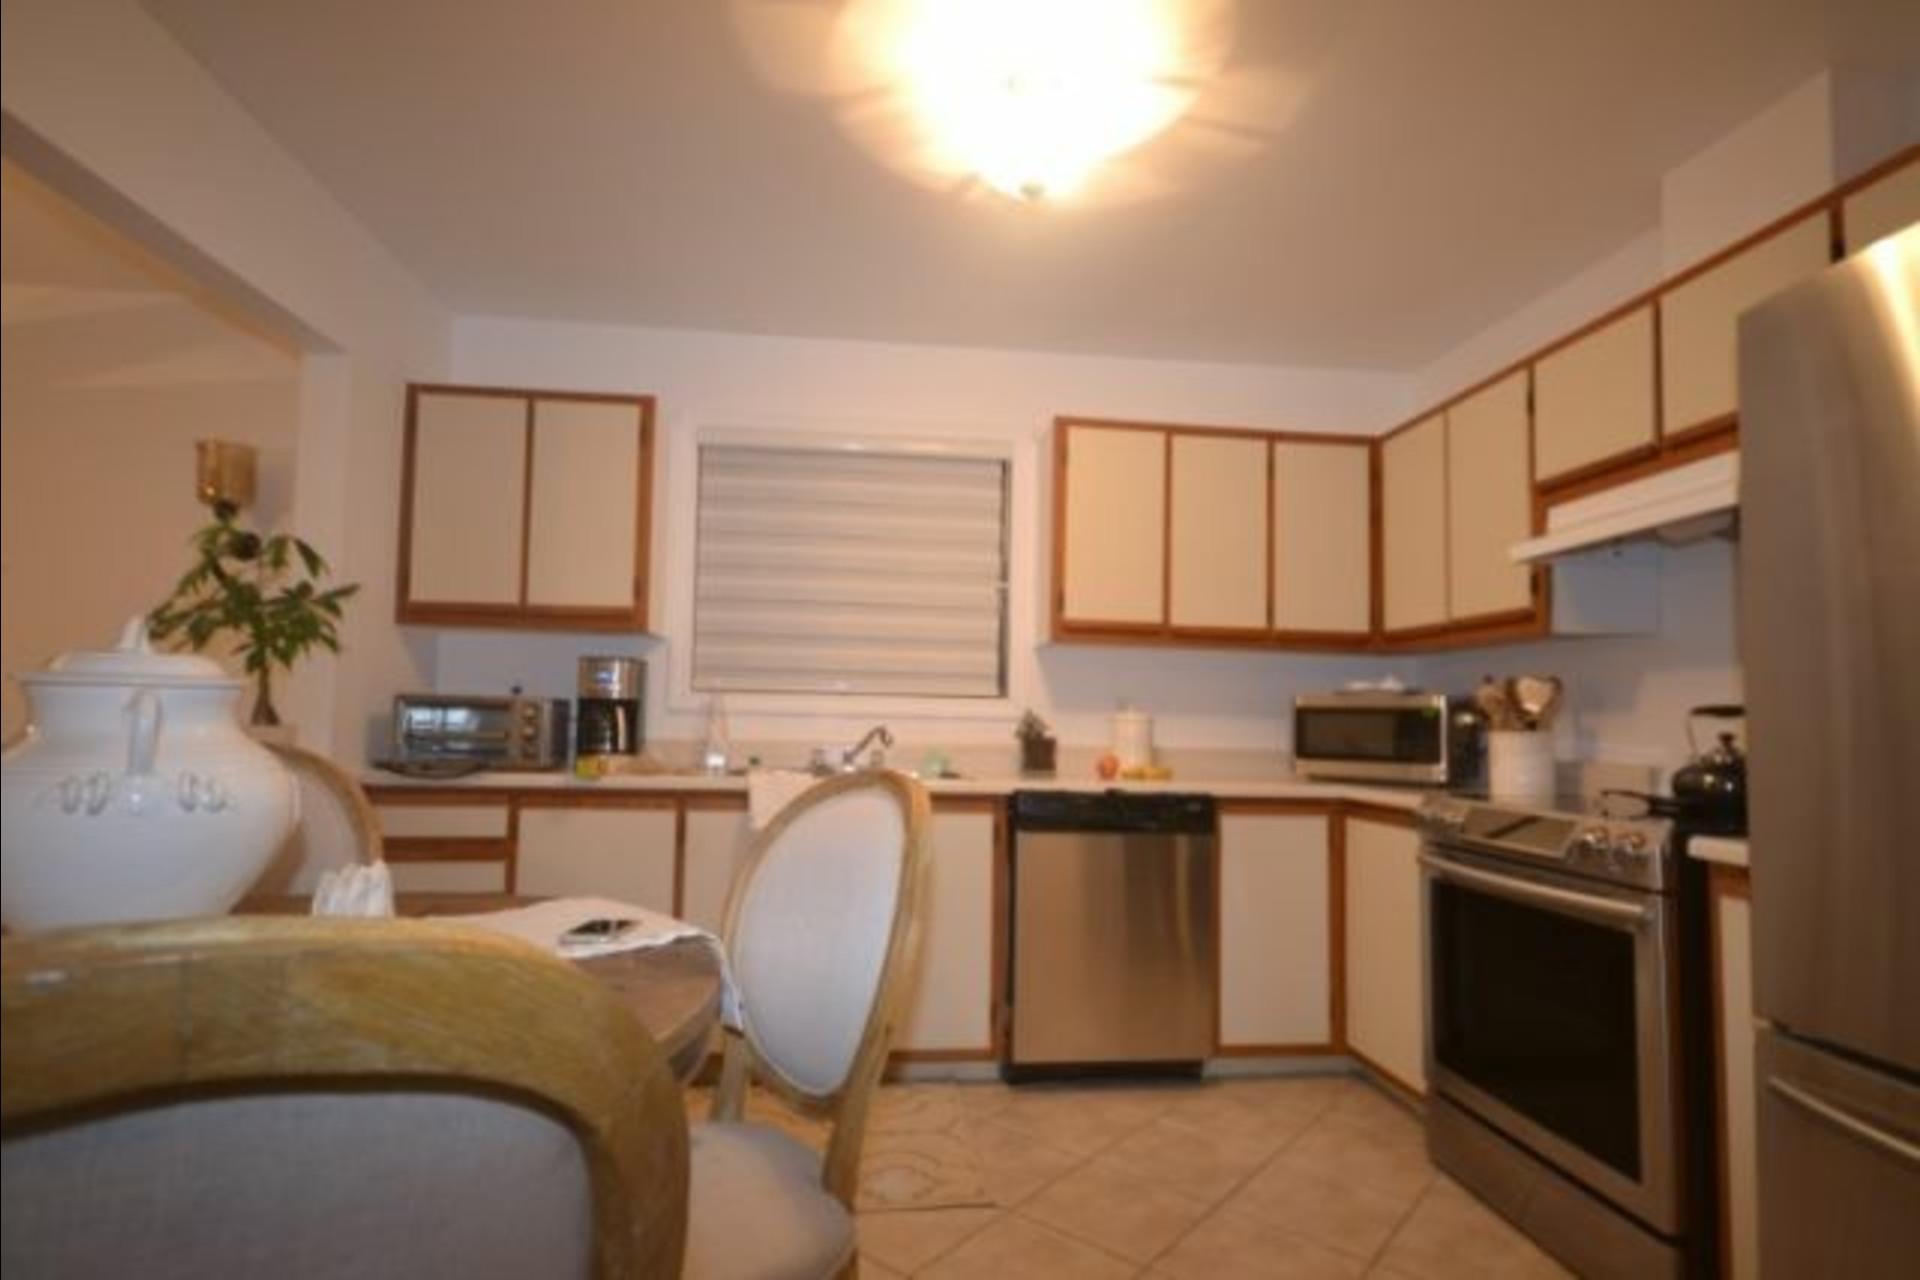 image 5 - Appartement À louer Montréal Rivière-des-Prairies - 4 pièces